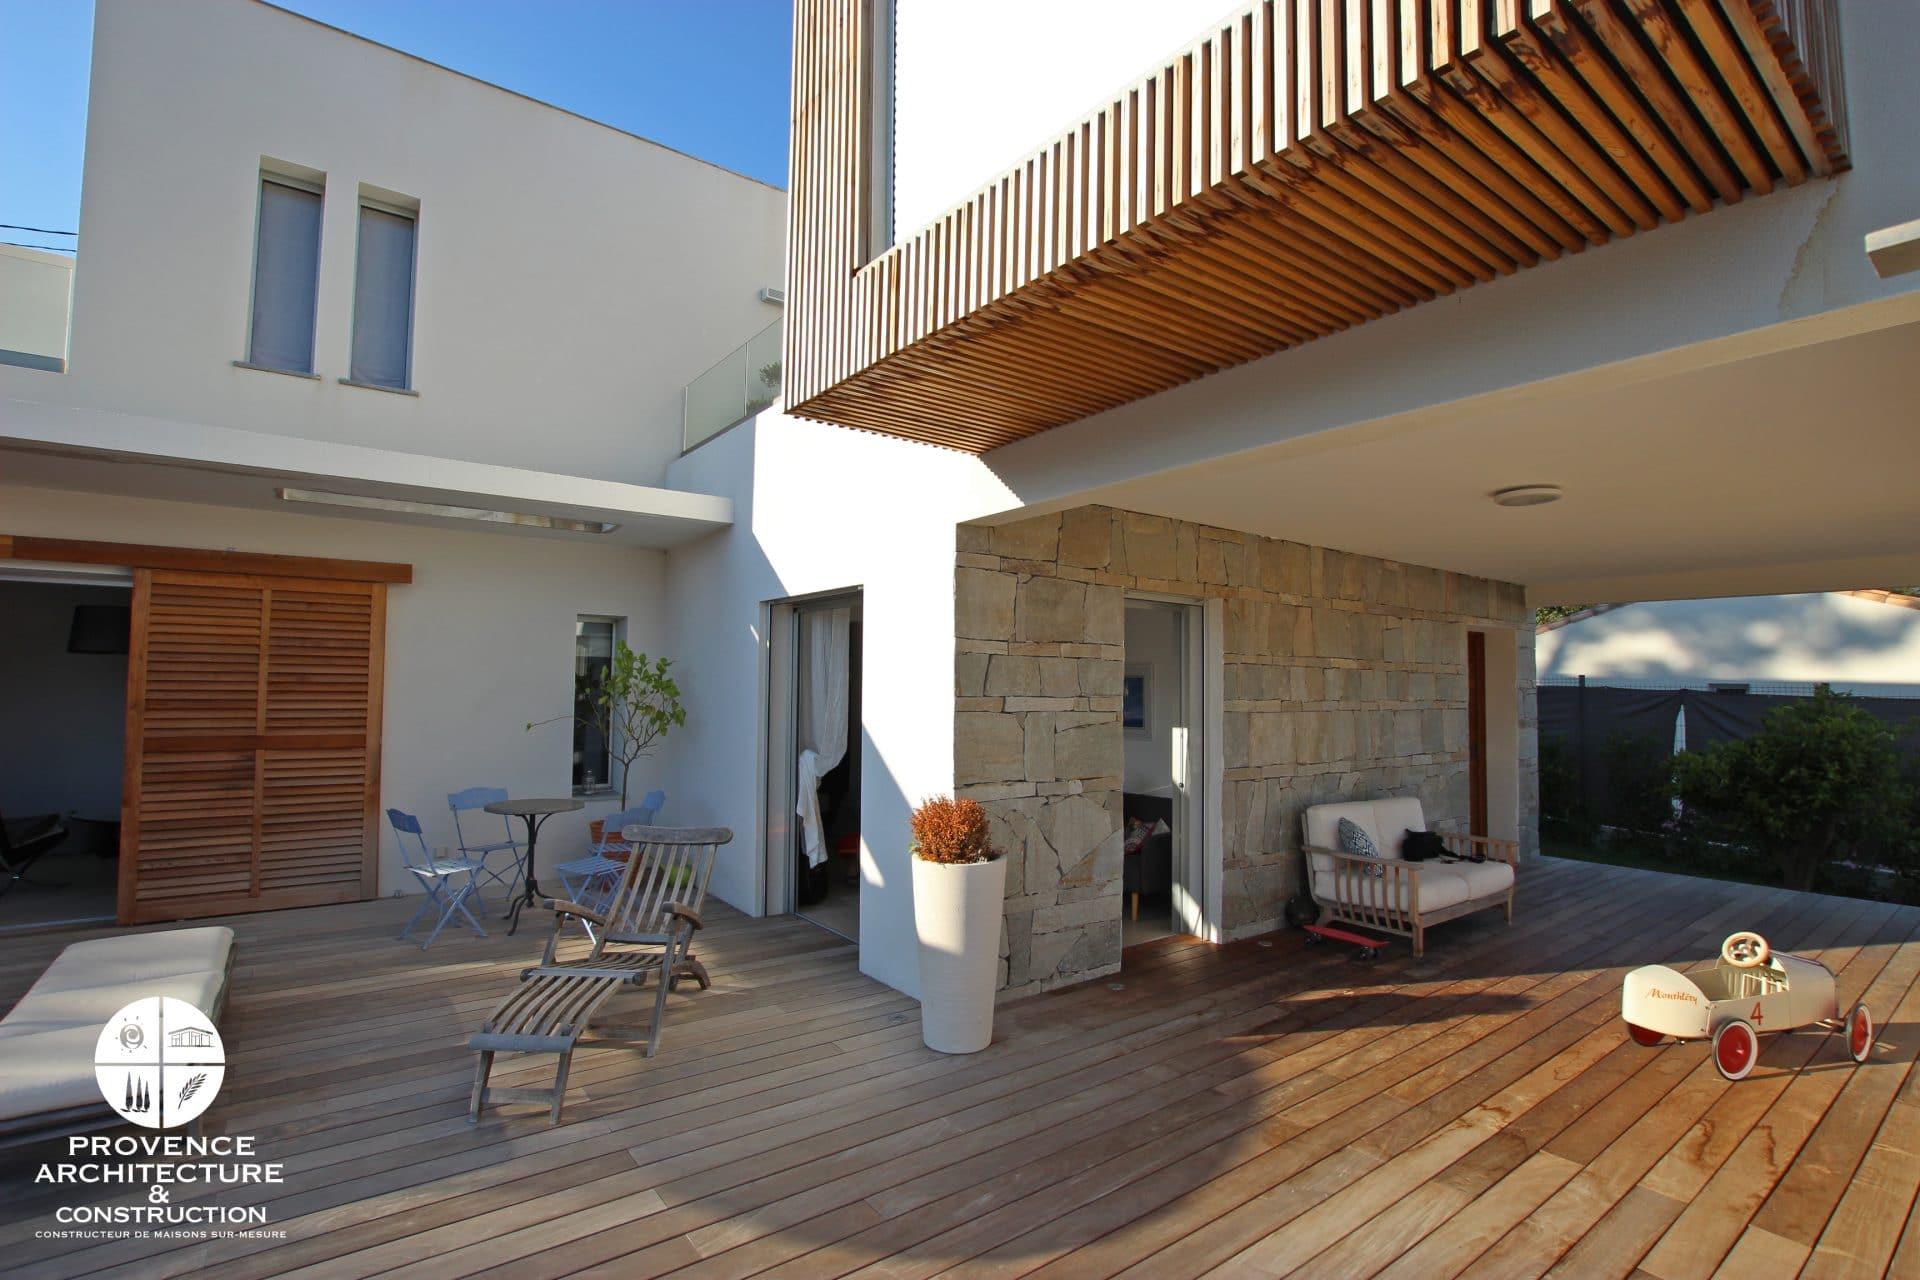 Constructeur De Maison Marseille votre maison contemporaine - provence architecture